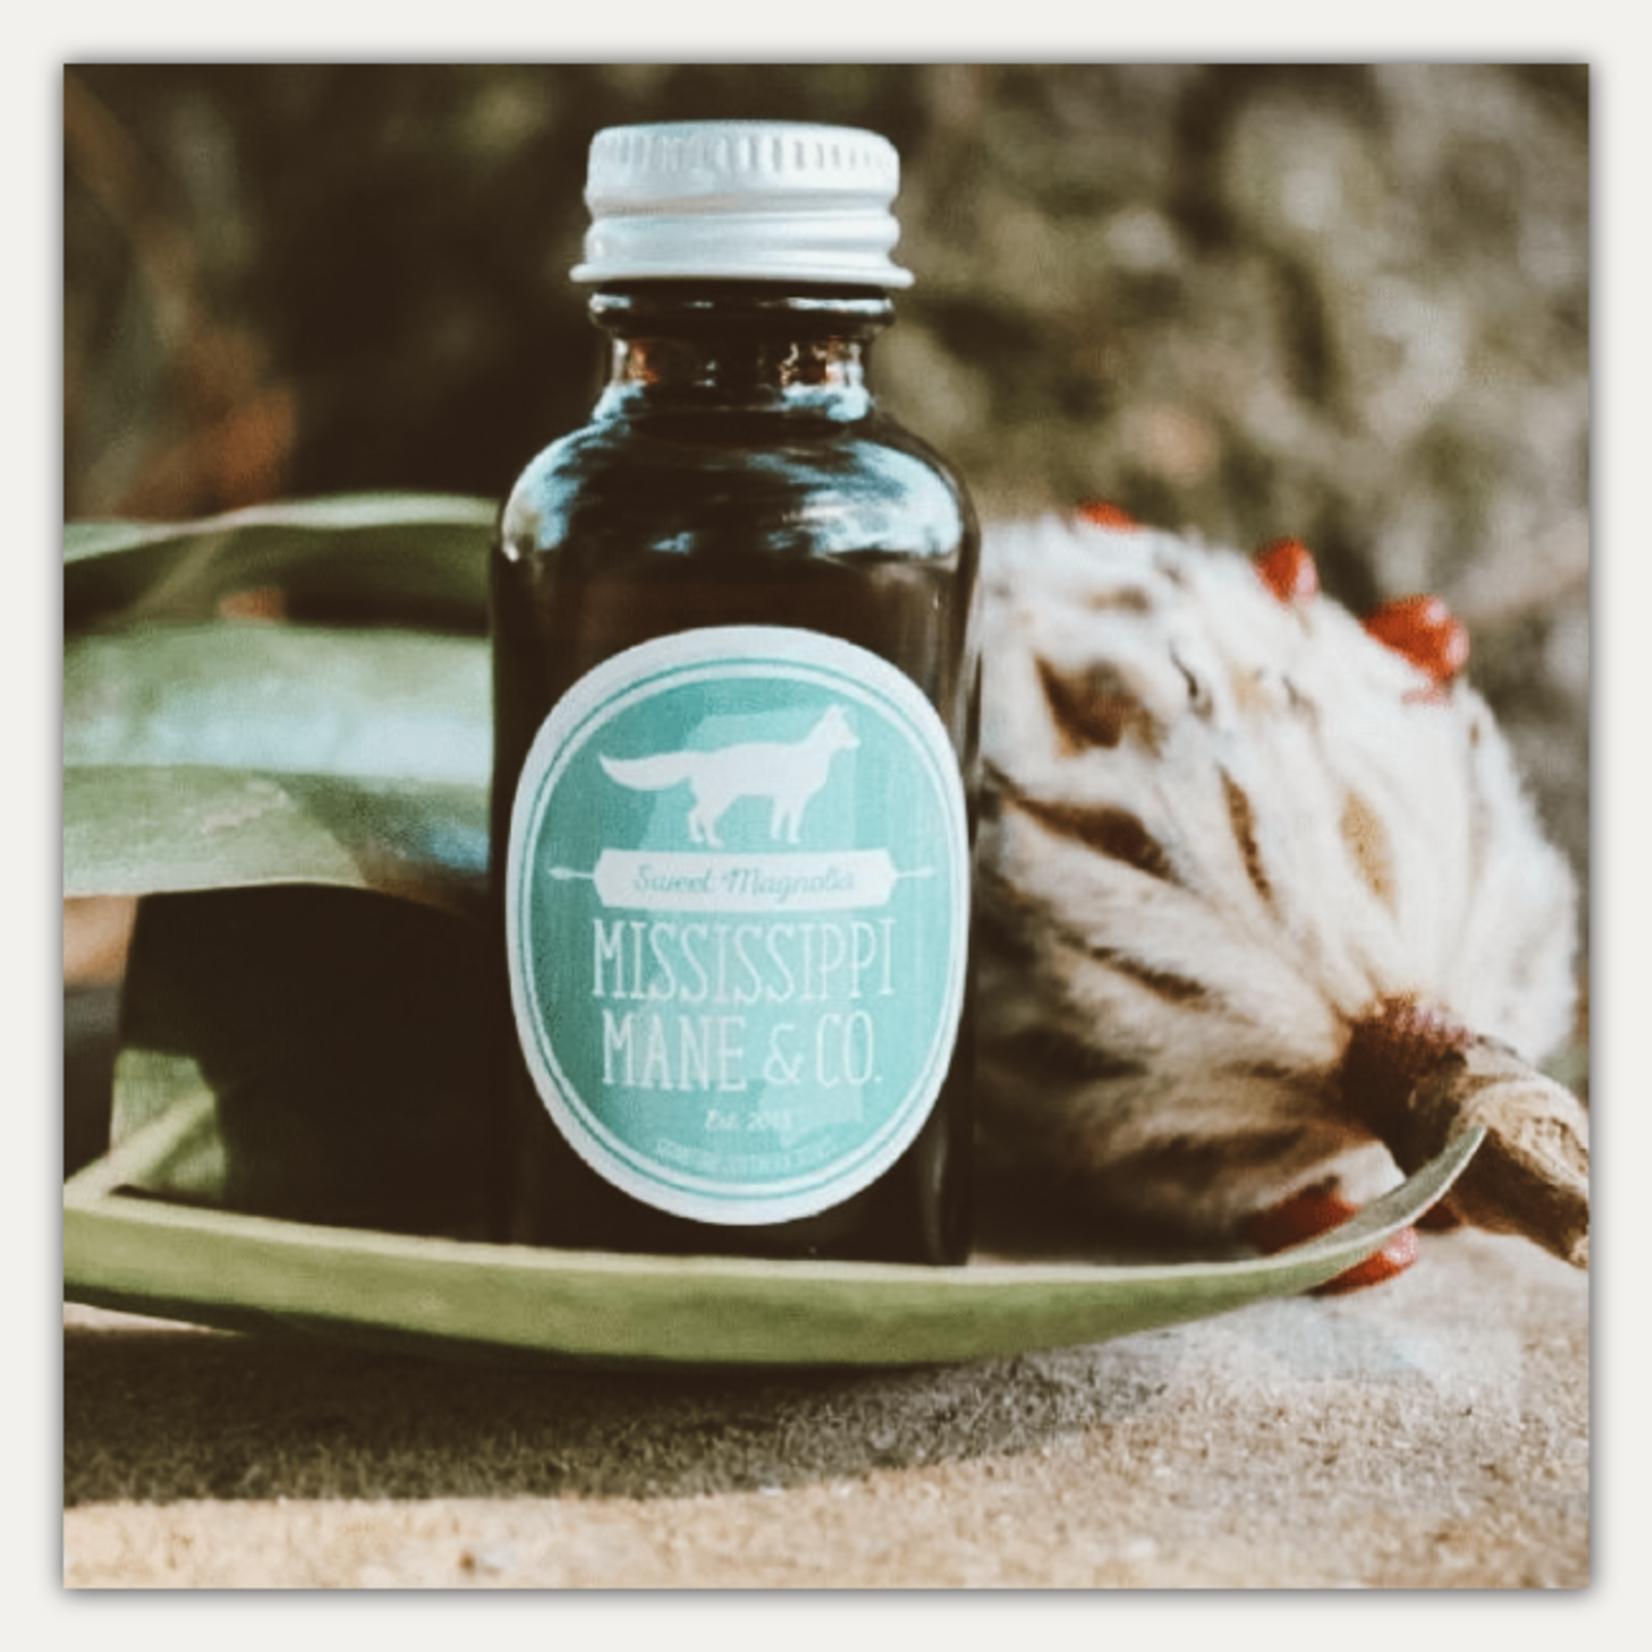 Mississippi Mane & Co. Beard Oil